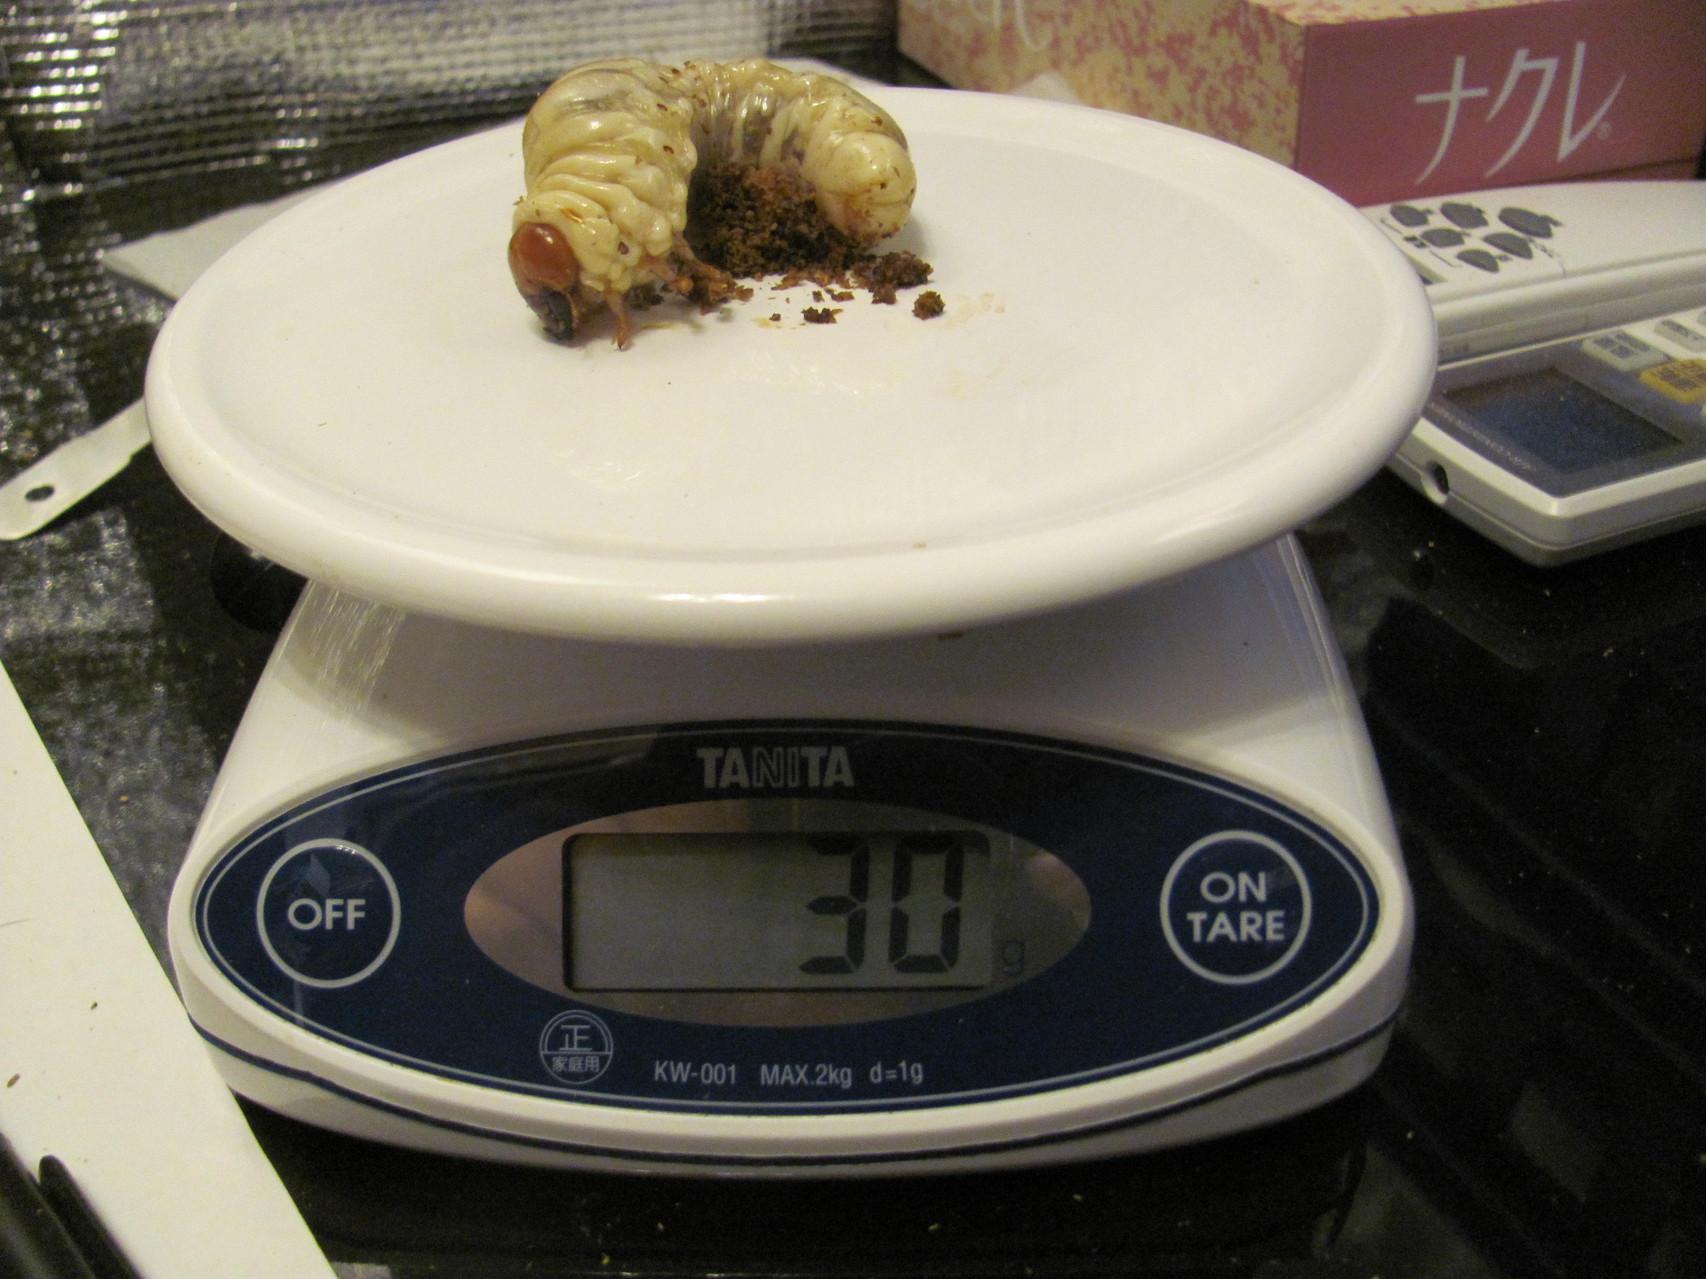 31gと30gを行ったり来たりですのでお腹の真ん中に挟まっていた食いカスは許してね。